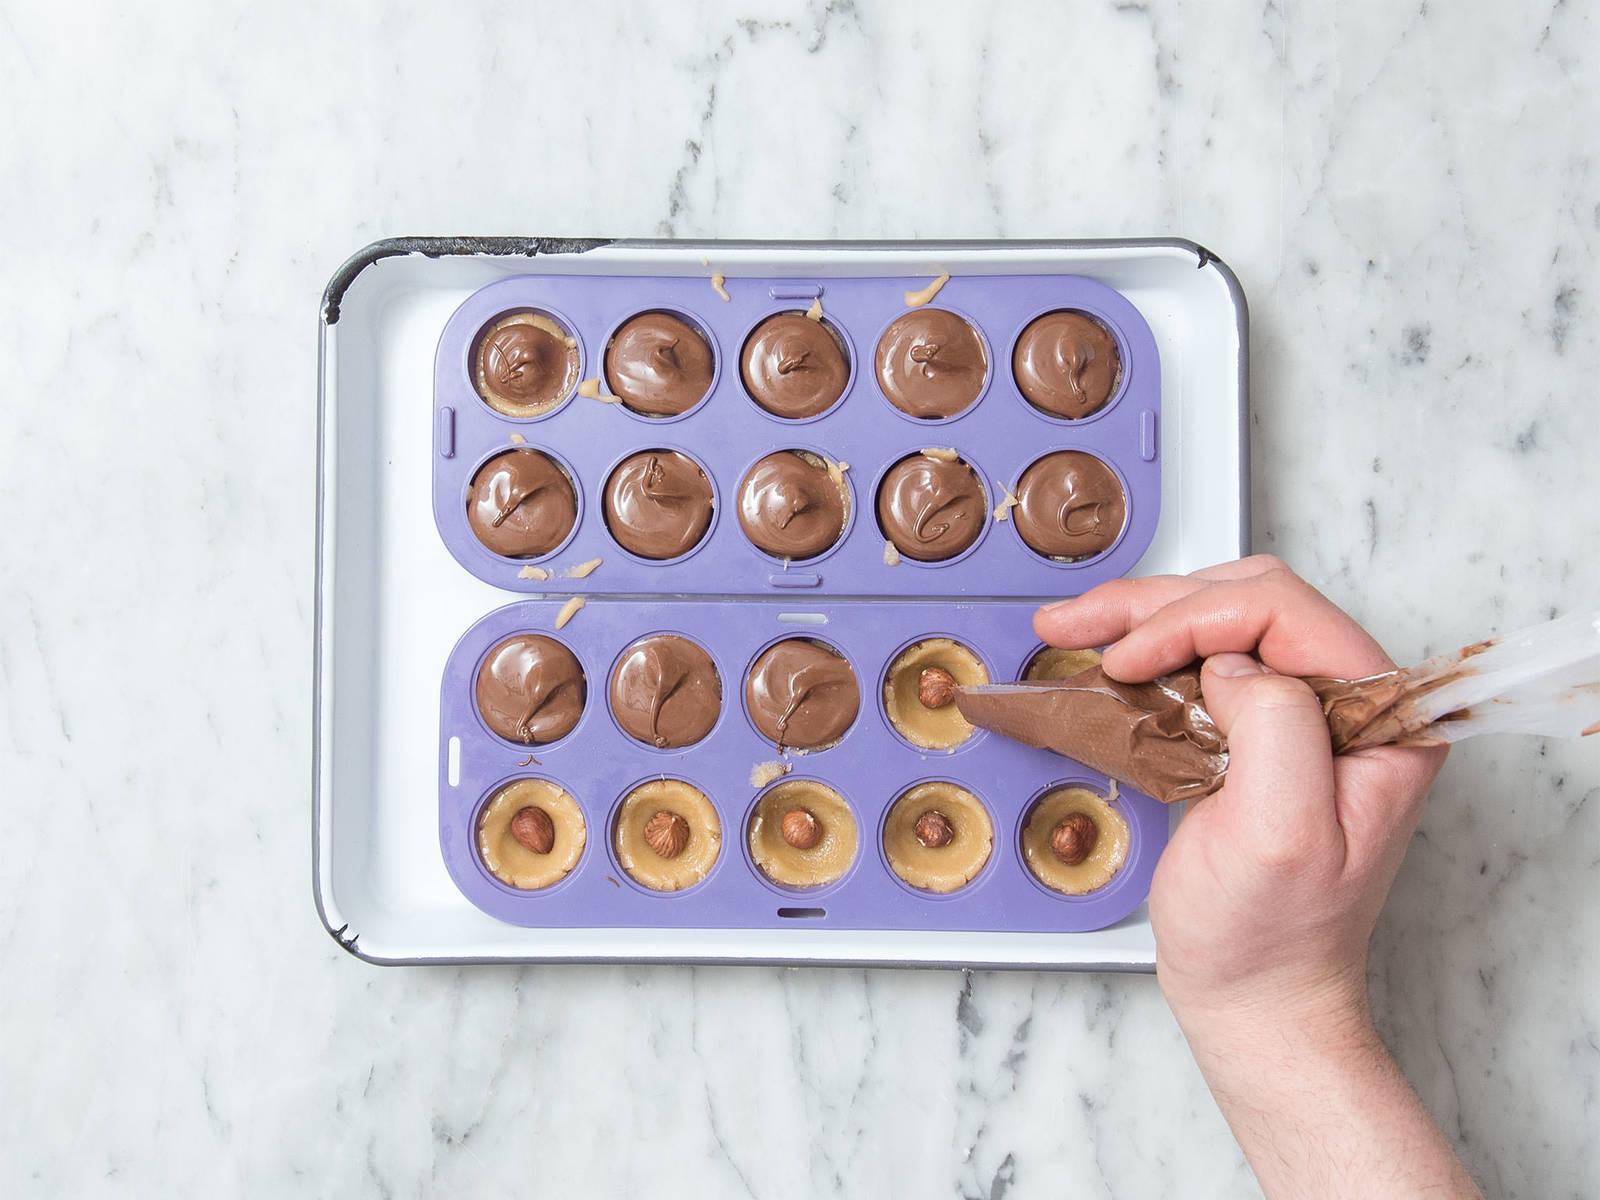 Nuss-Nougat-Creme in einer hitzebeständigen Schüssel über einem Topf mit köchelndem Wasser schmelzen lassen. Geschmolzene Creme in einen Spritzbeutel füllen und die Spitze des Beutels abschneiden. Die Karamellschälchen mit der Creme füllen, bis die Haselnüsse bedeckt sind. Die Formen mehrmals auf die Arbeitsfläche klopfen, um Luftblasen entweichen zu lassen. Ca. 45 Min. im Kühlschrank ruhen lassen, oder bis die Creme fest ist.